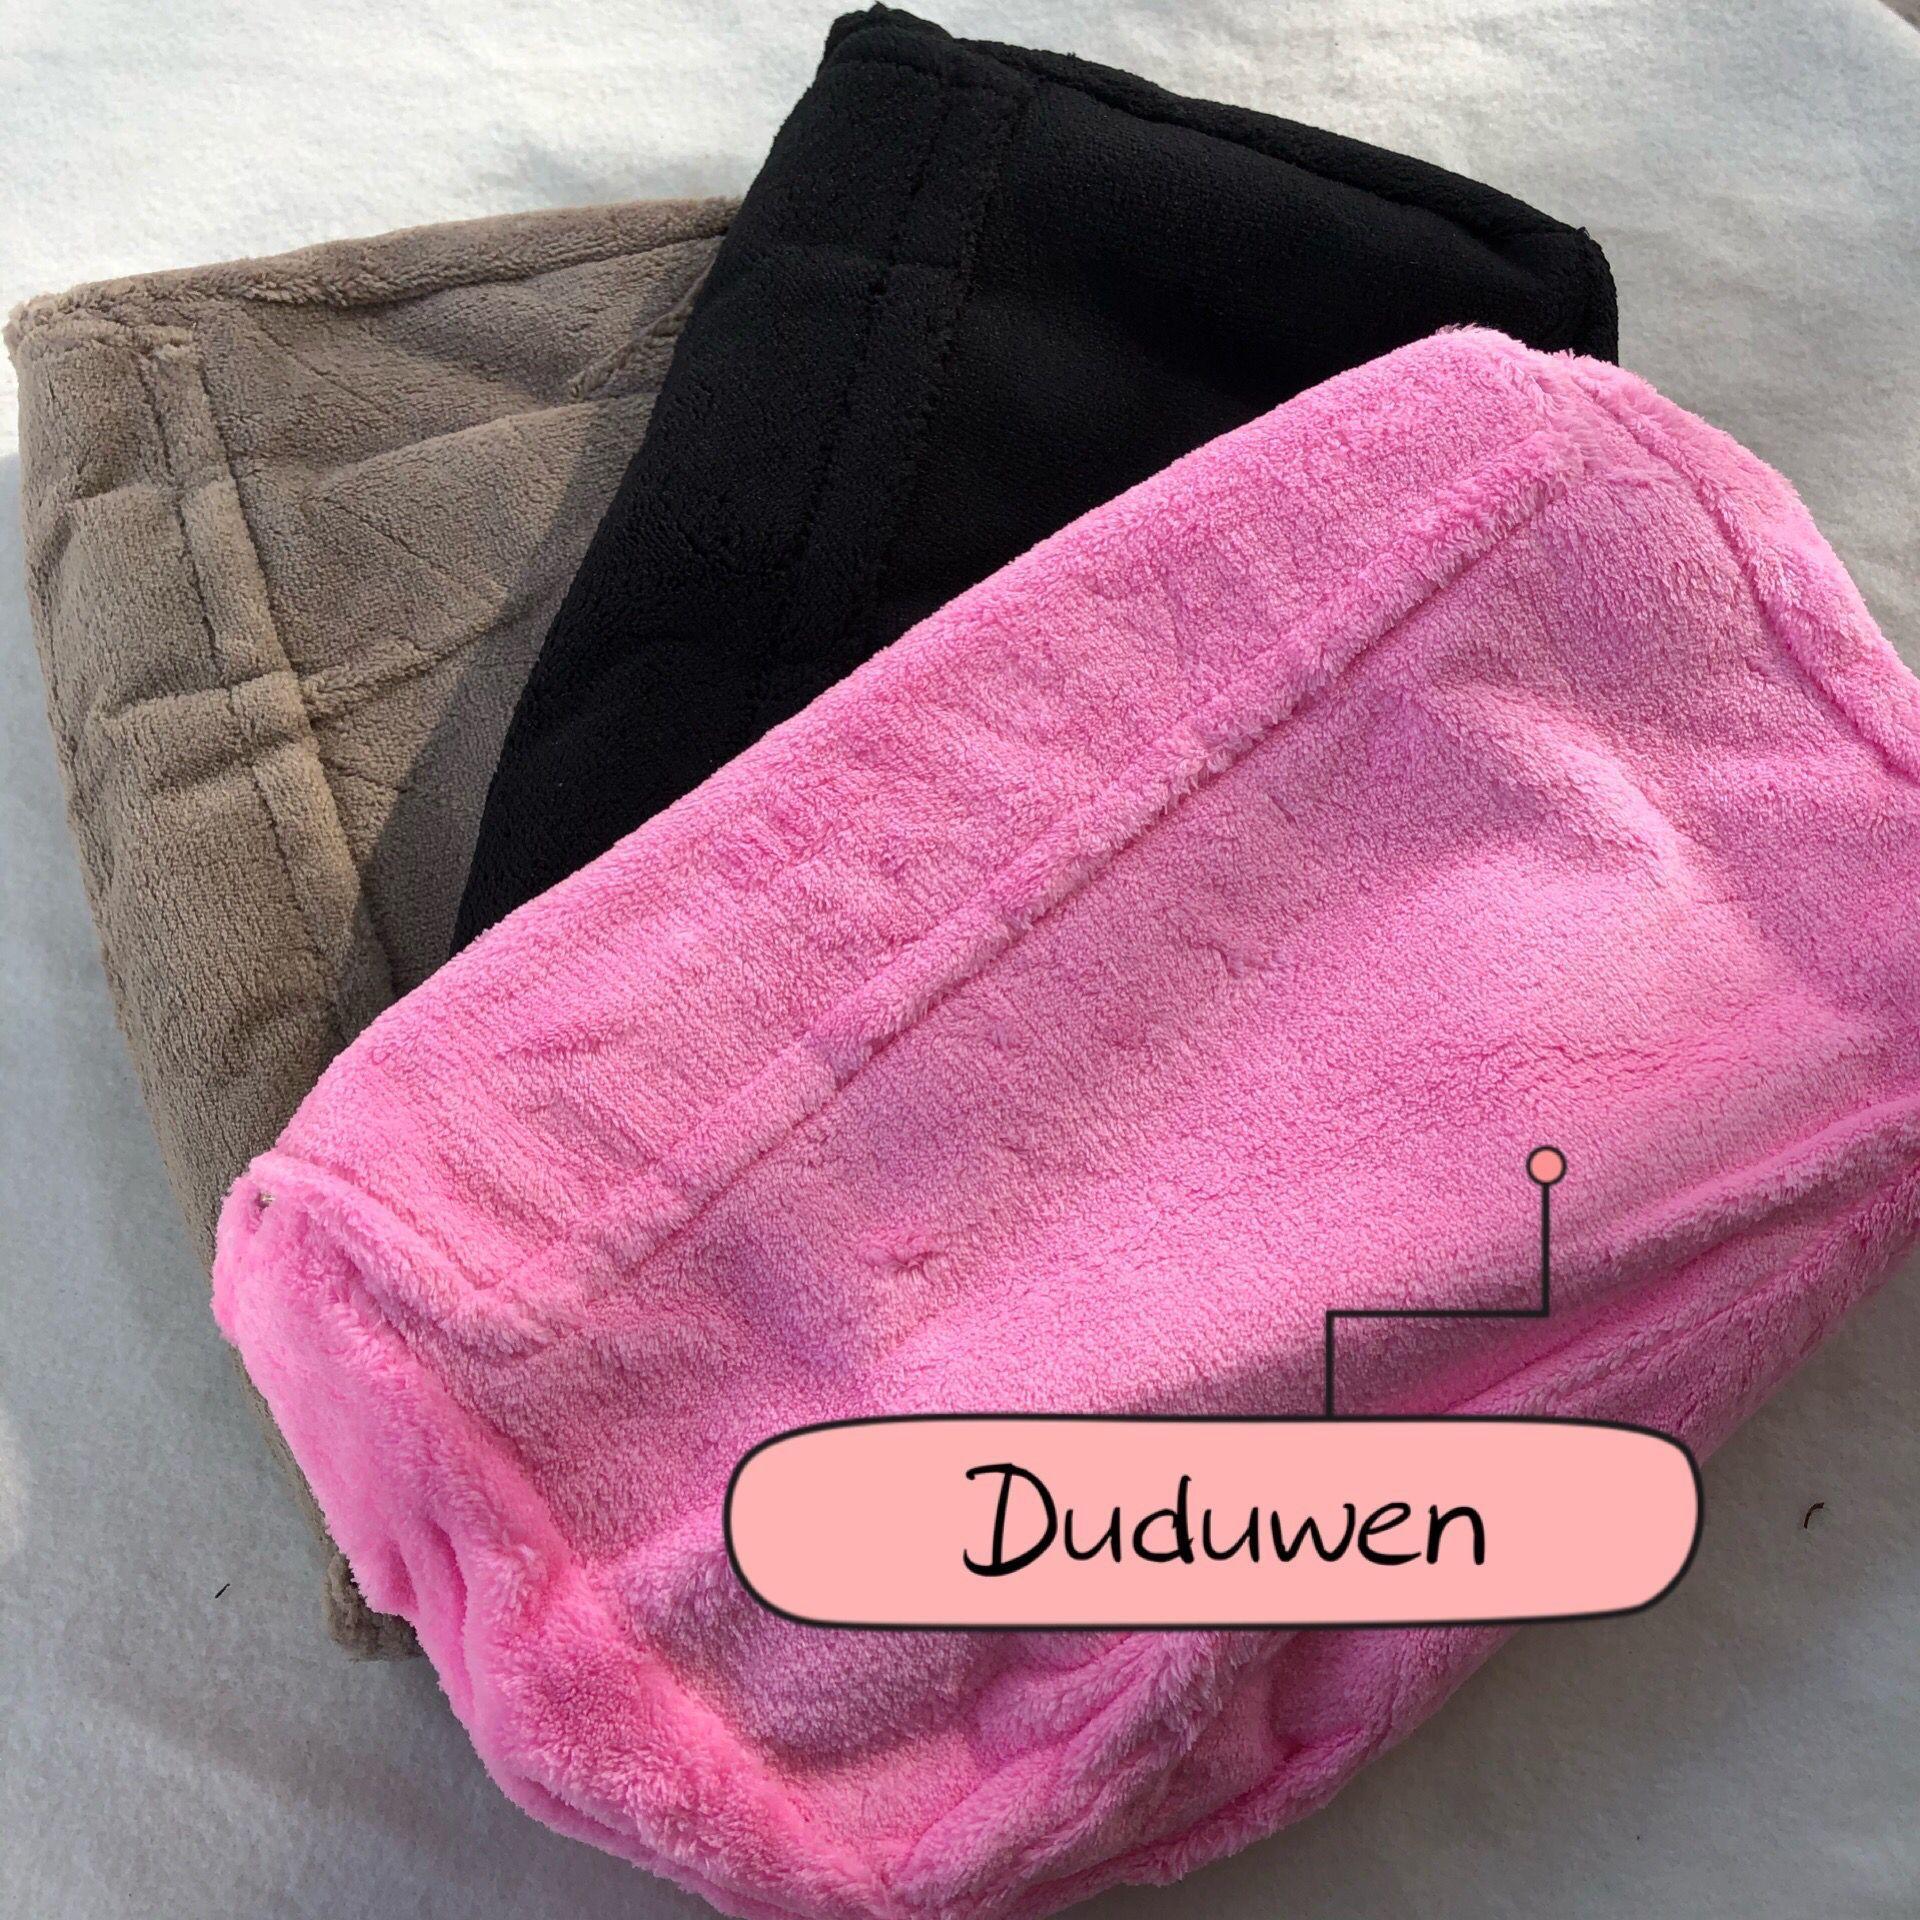 Moda C Quilted Flannel Saco De Ombro Cor Opção Corpo De Pelúcia Cross Bag Saco De Pele Composição Clássico Saco De Armazenamento DuduforVip